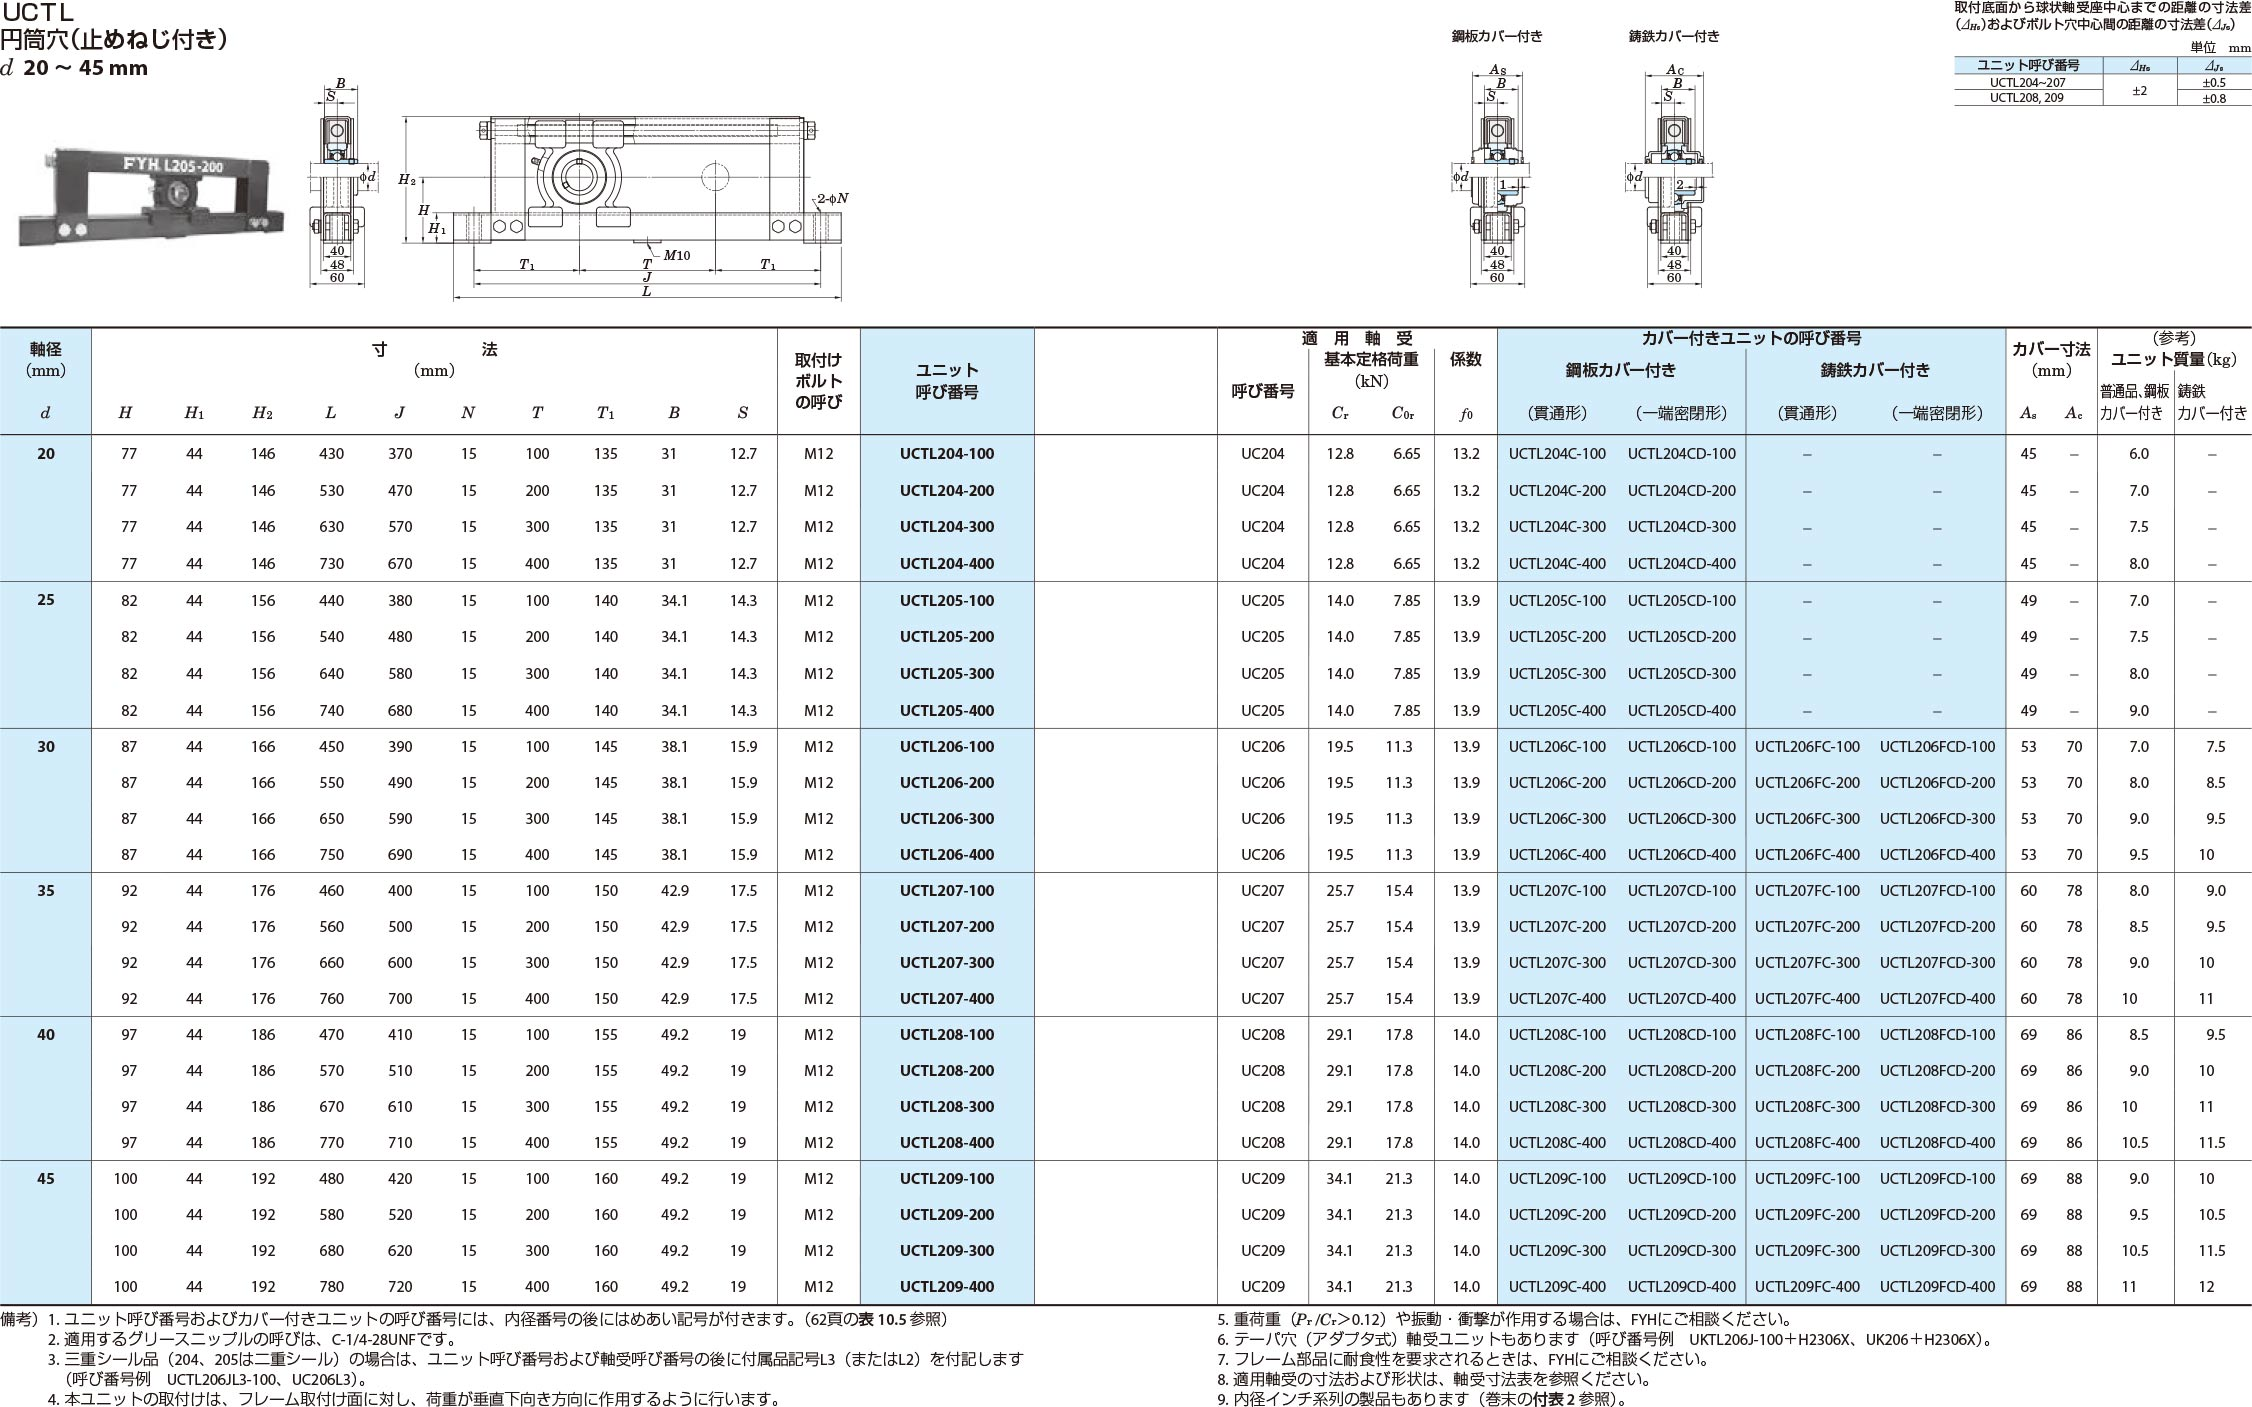 溝形鋼製フレーム付きテークアップ形ユニット UCTL円筒穴(止めねじ付き)d20~45mm